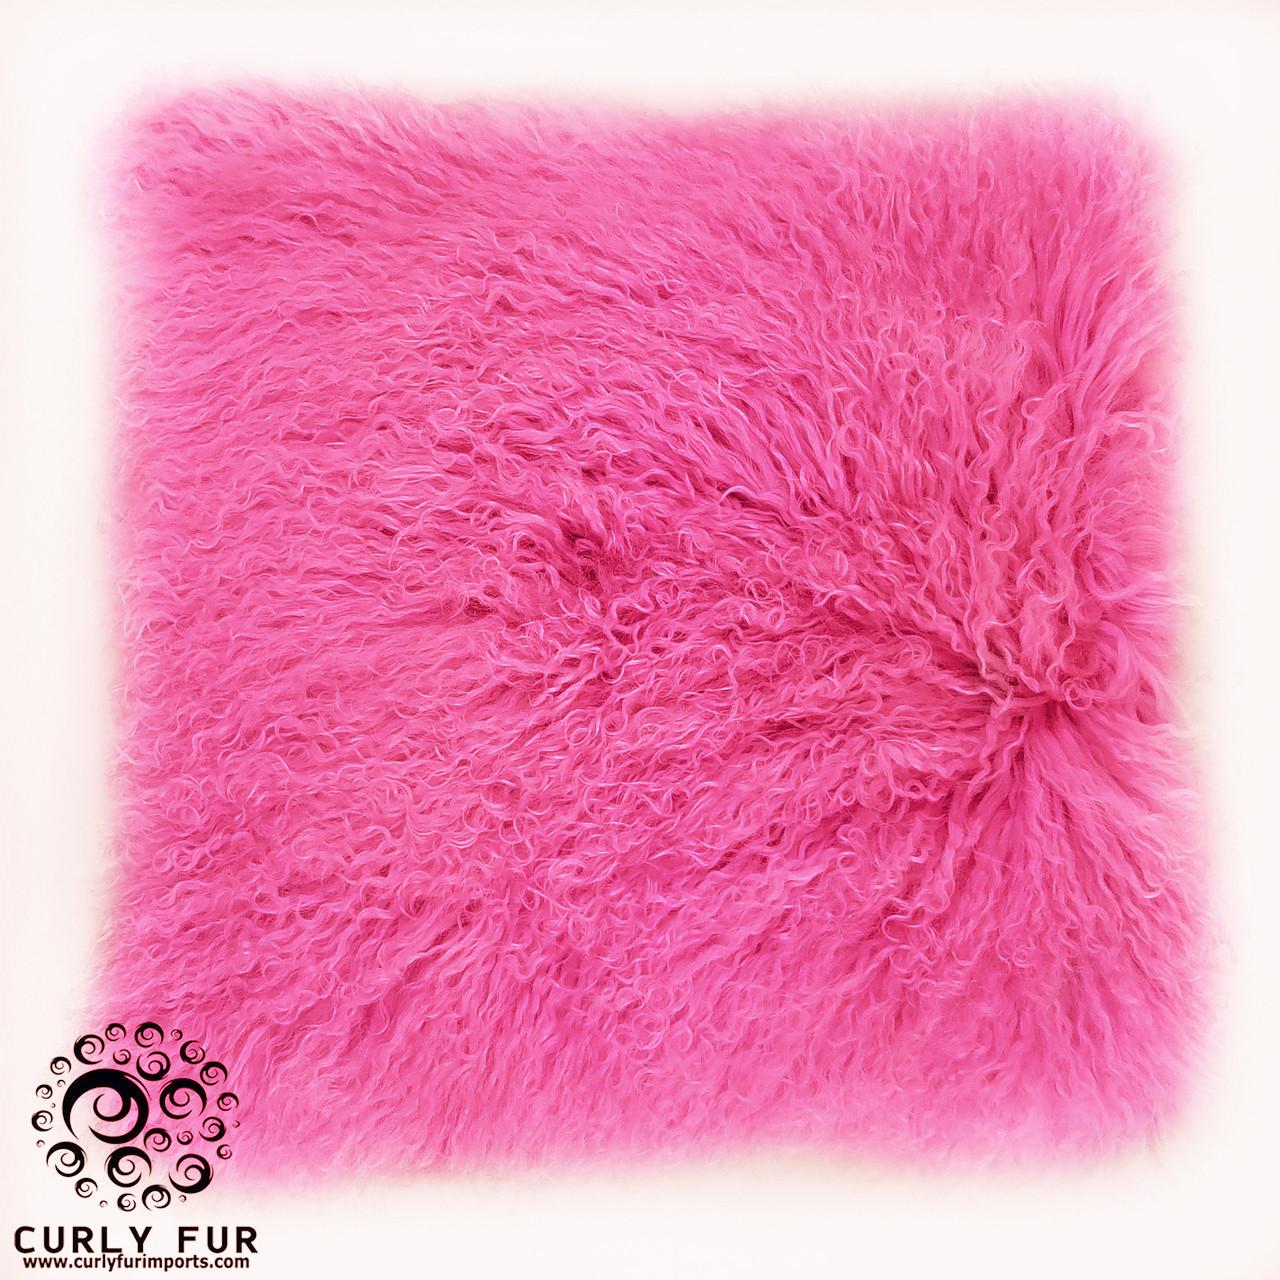 18 x 18 tibetan lamb fur pillow single sided fur shocking pink